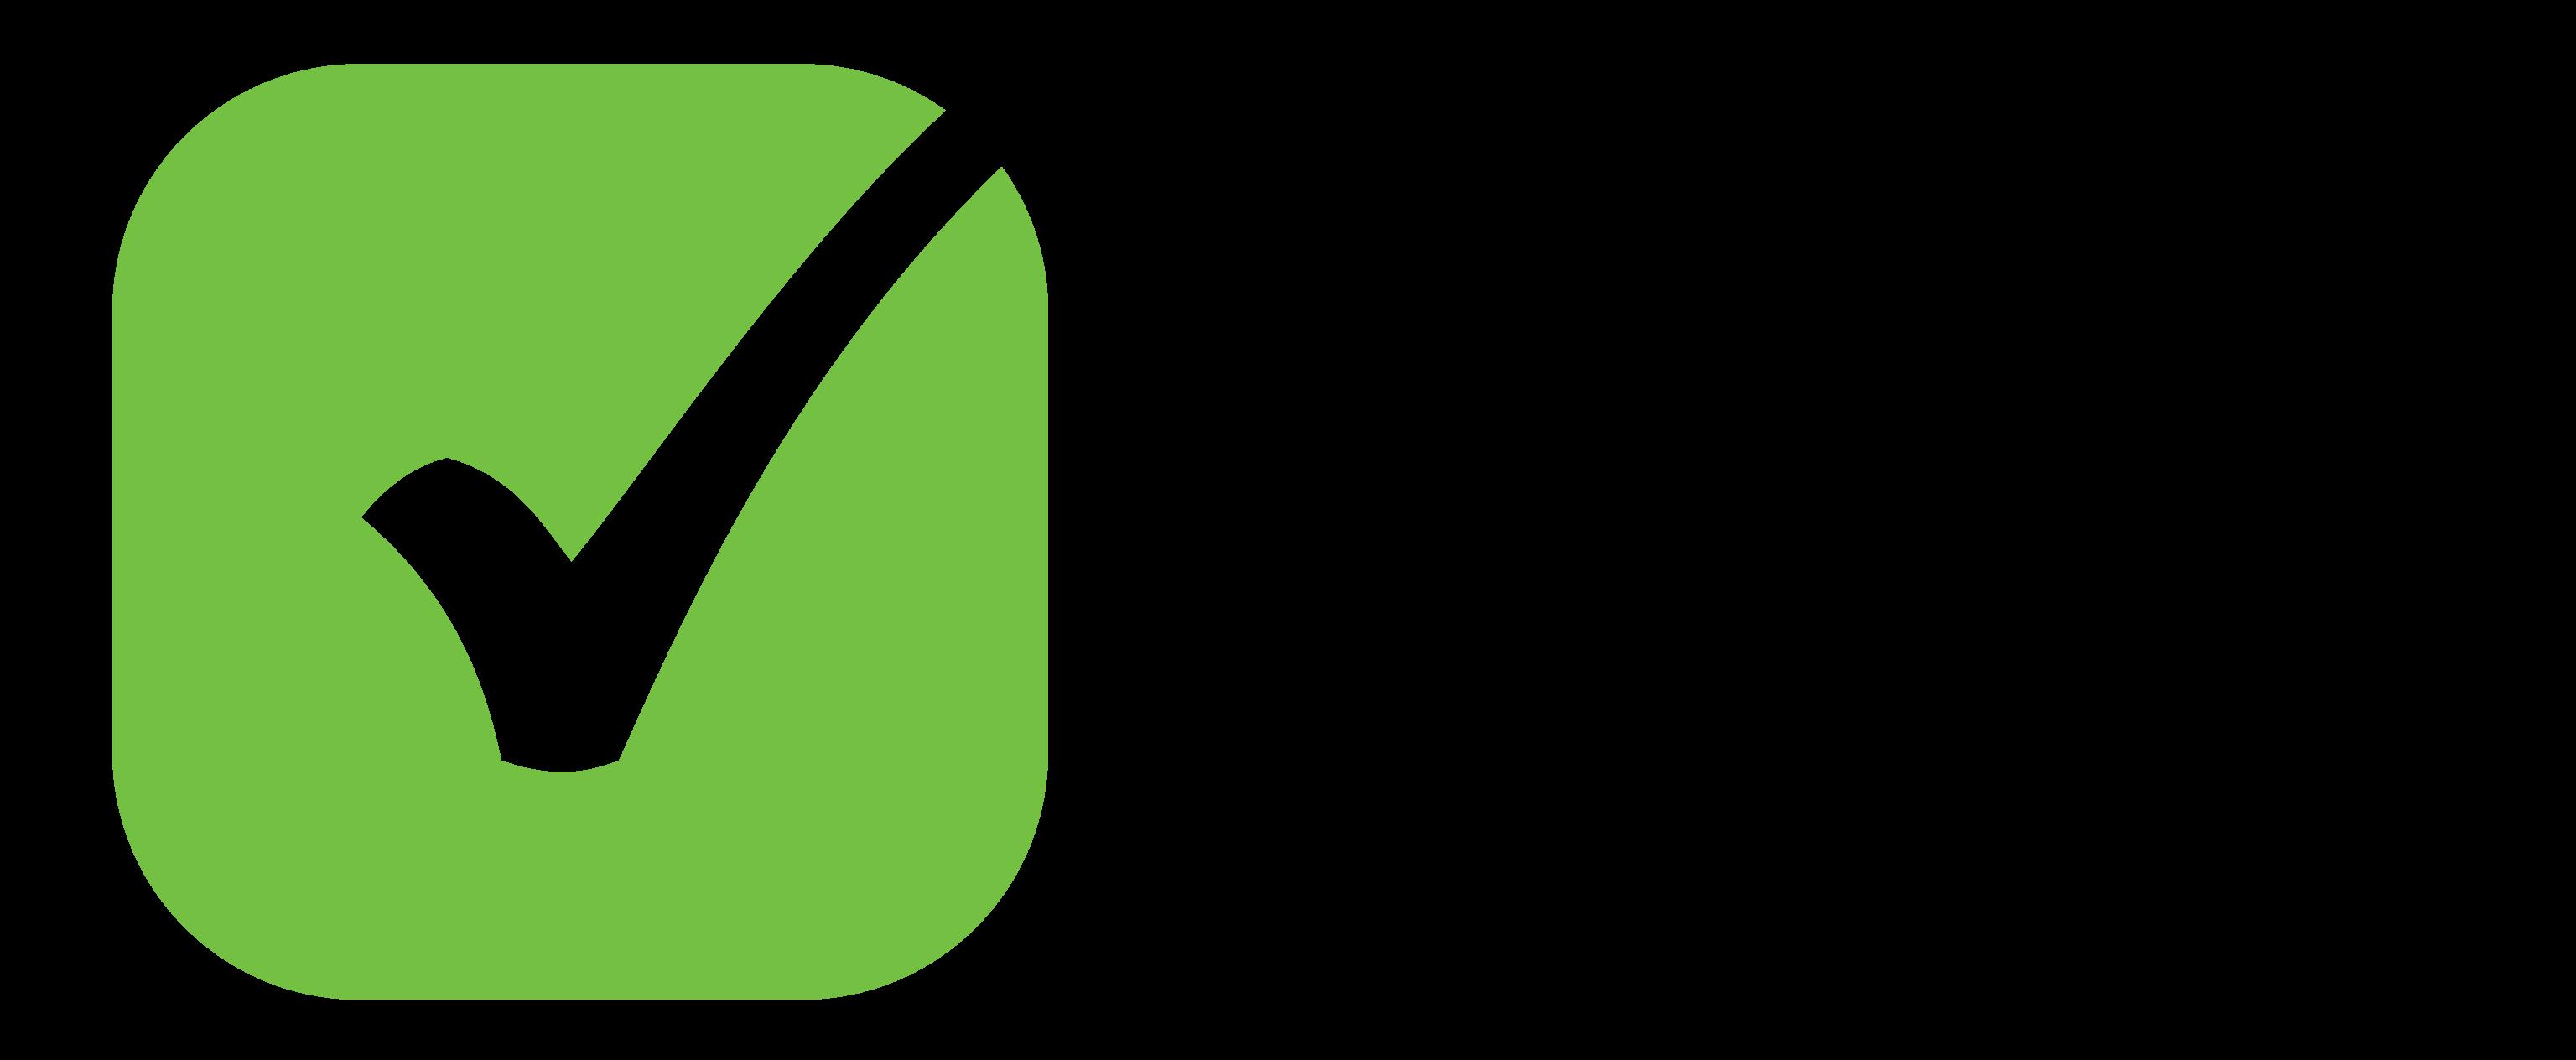 Årsrapport og selvangivelse – Digital Revisor